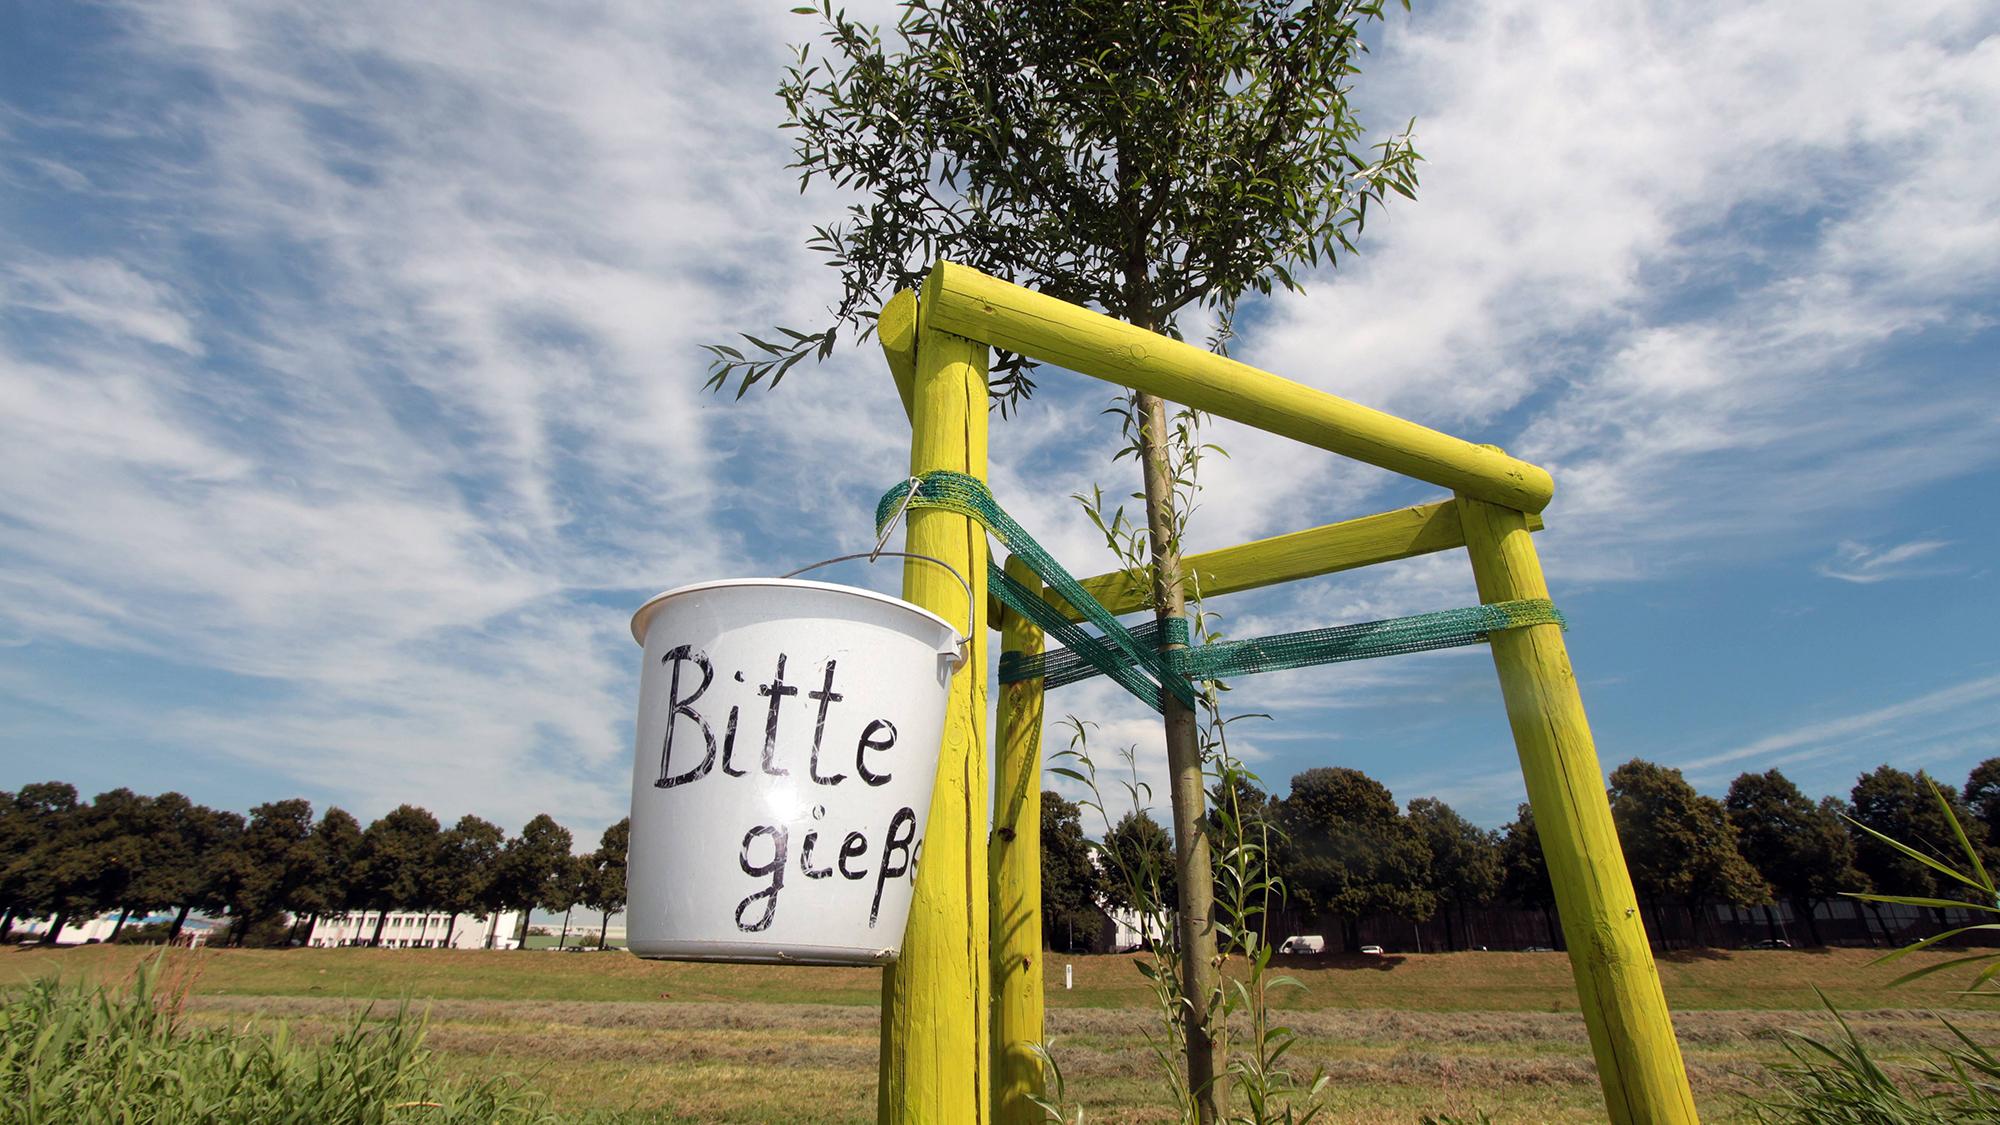 Symbolfoto Trockenheit im Sommer: ein Eimer mit Aufschrift bitte gieflen an einem neugepflanzten Baum am Rhein an den Poller